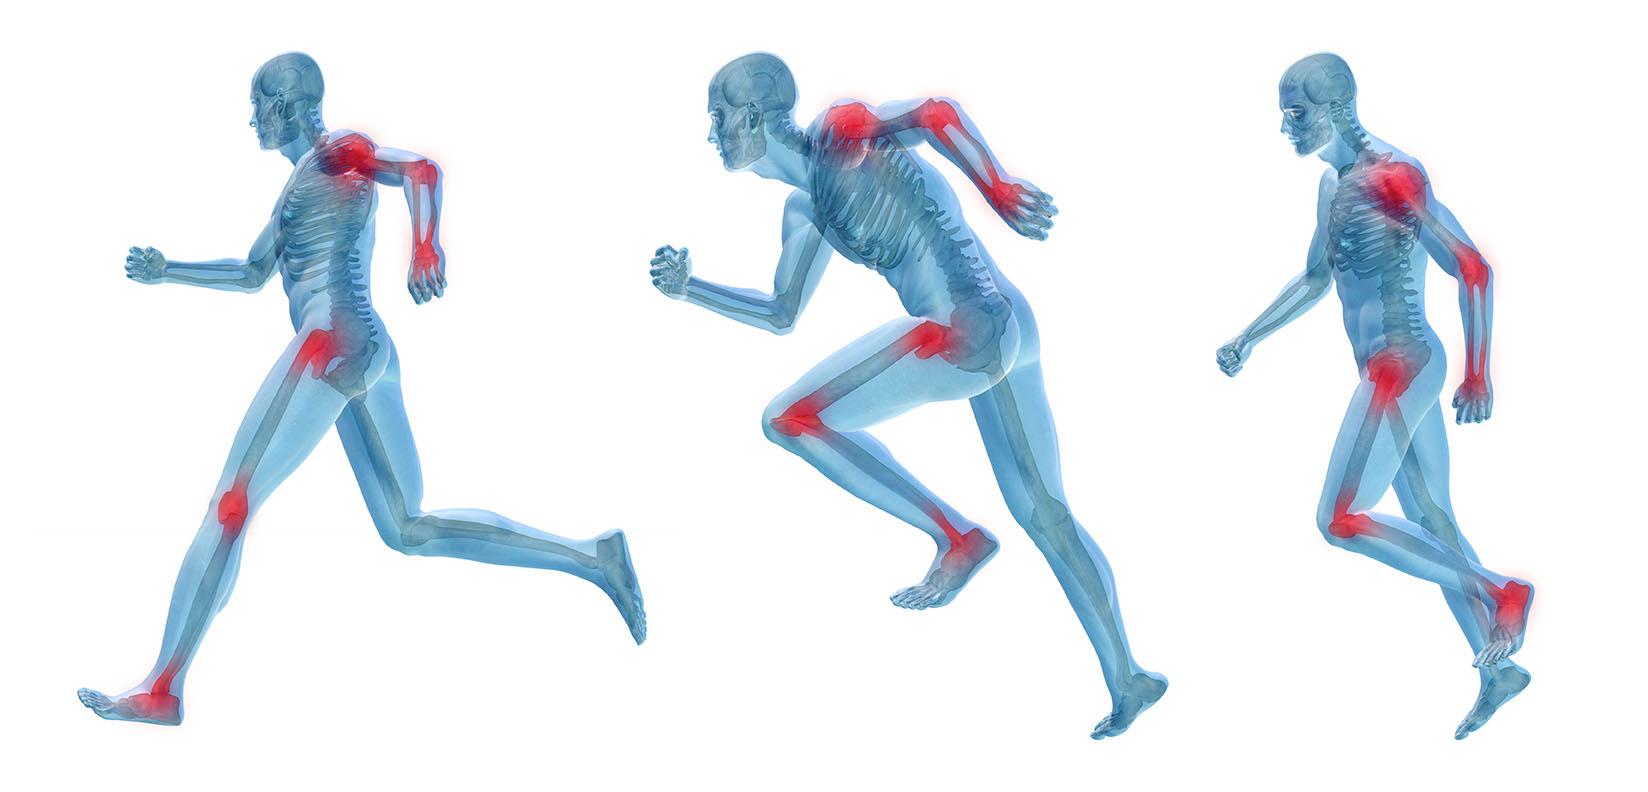 fisioterapia-santa-pola